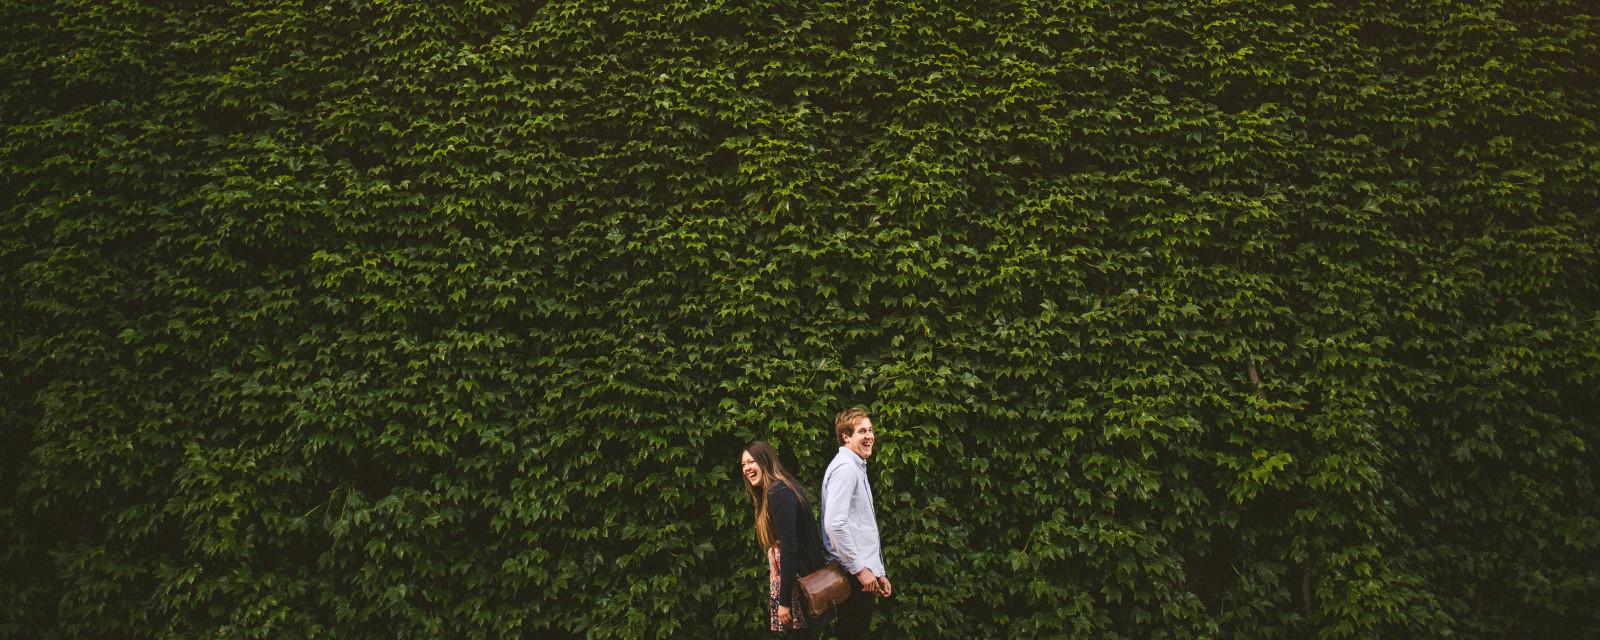 matt + charlie // london engagement photos